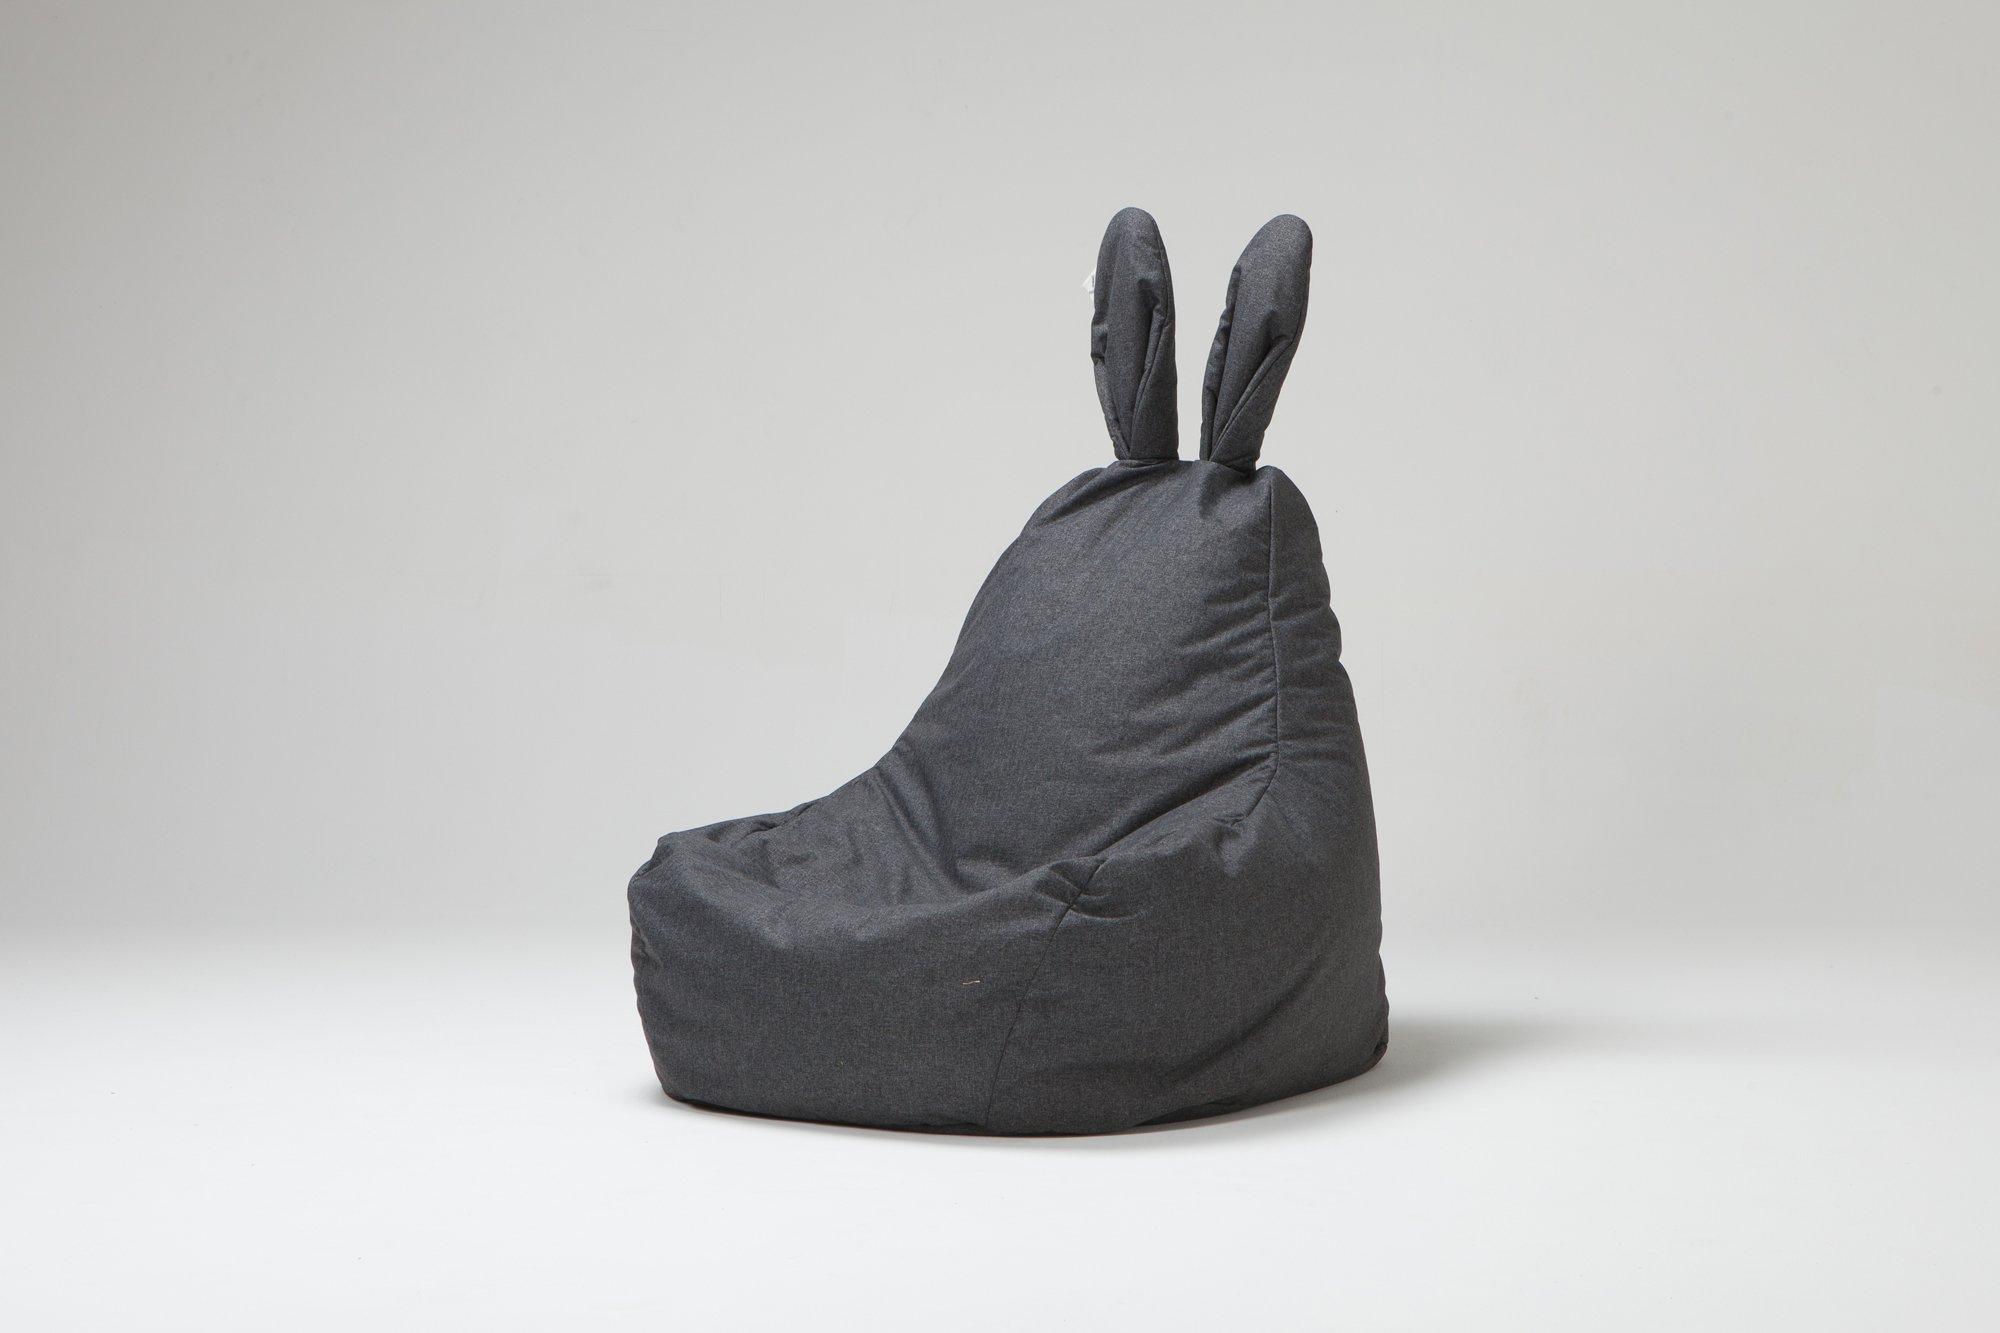 rabito Bean Bag rabito ソファ ソファー 座イス 1人用 うさぎ 尻尾 シッポ プレゼント 家具 椅子 イス rabito ウサミミ (Rabito Bean Bag Dark GRAY)